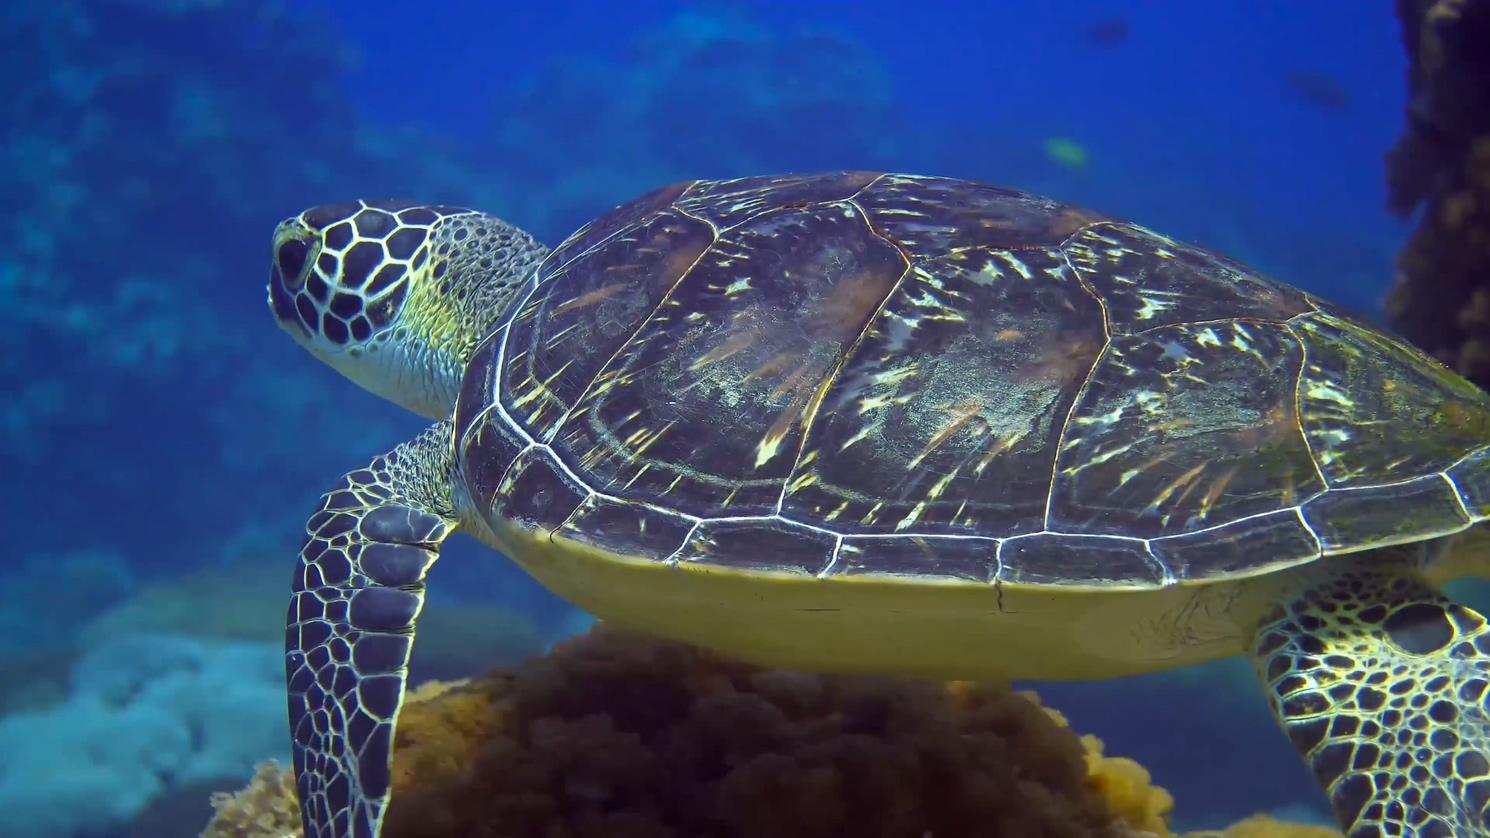 台湾水域 海洋生命 海洋生物 海龟 珊瑚 鱼类 浮游生物